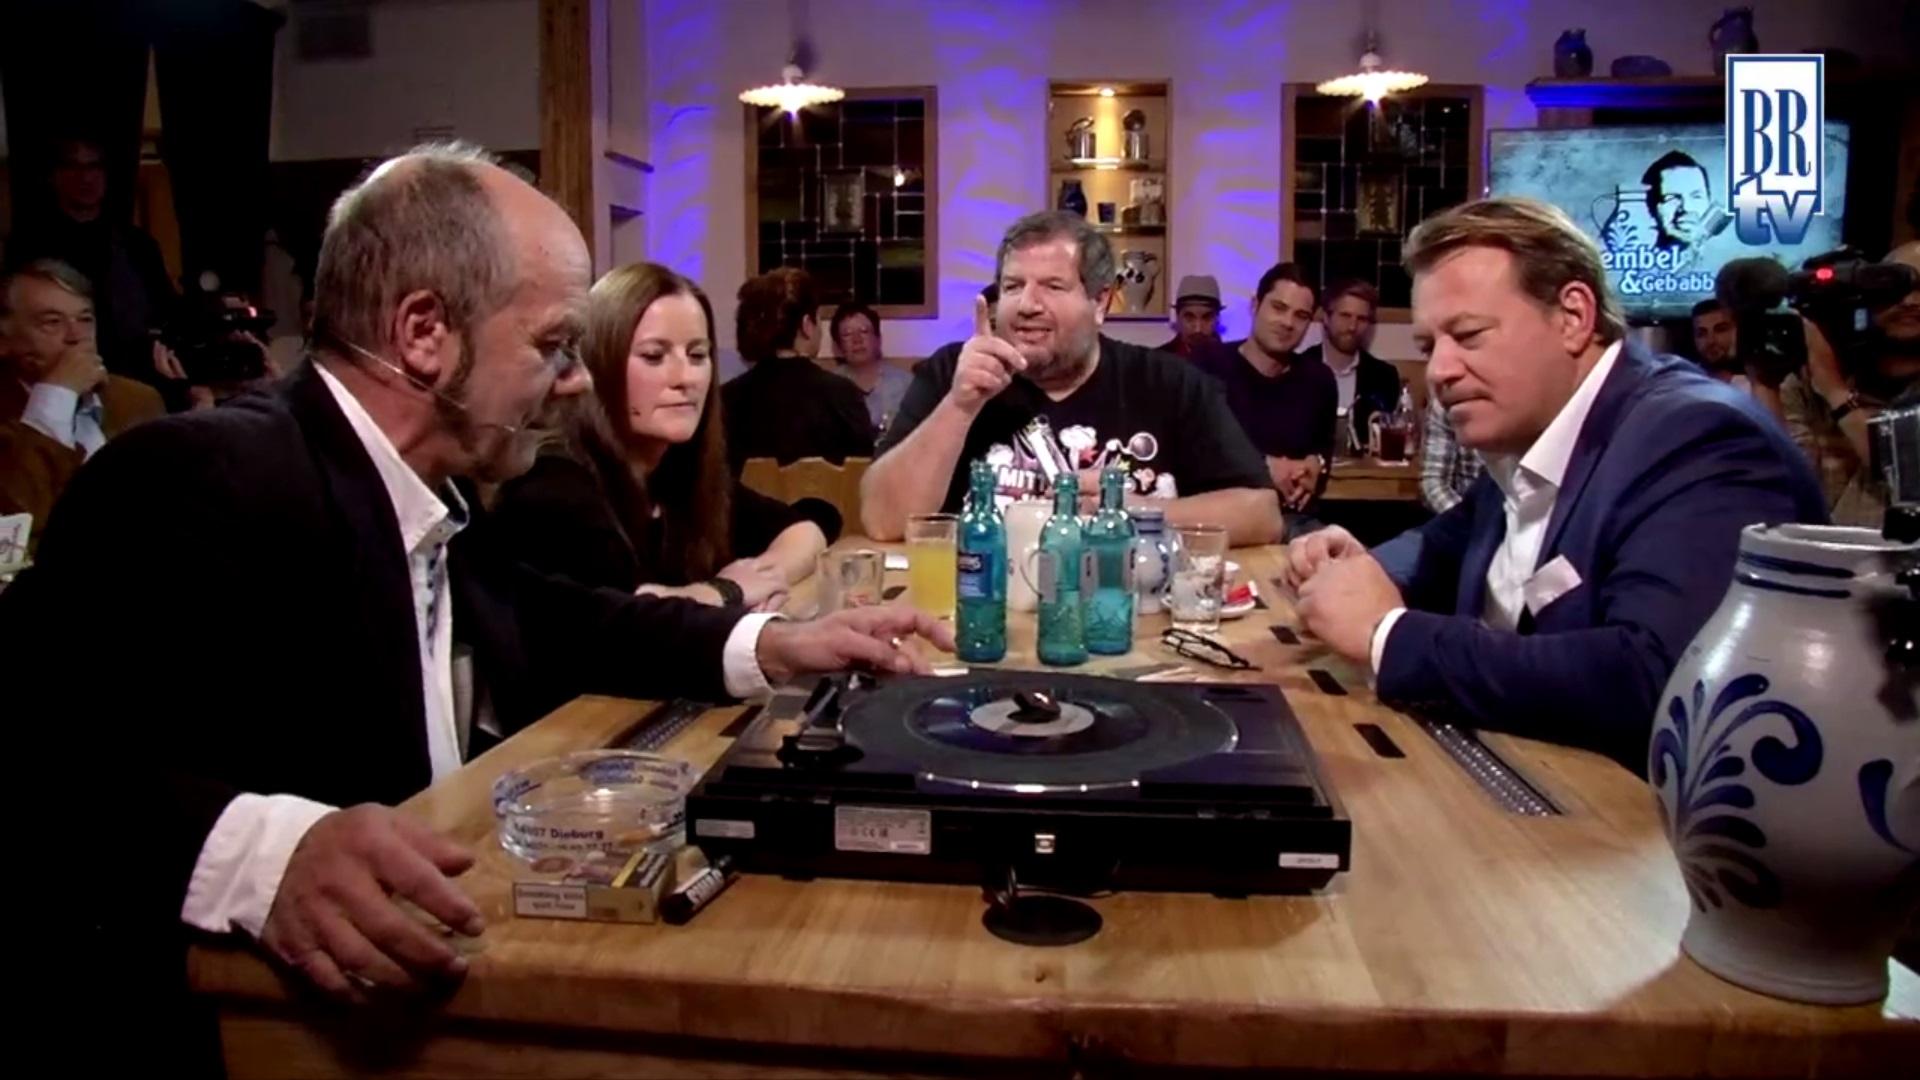 Bembel & Gebabbel – Folge 28 mit Corny Littmann, Janine Wissler & Jörg Müller